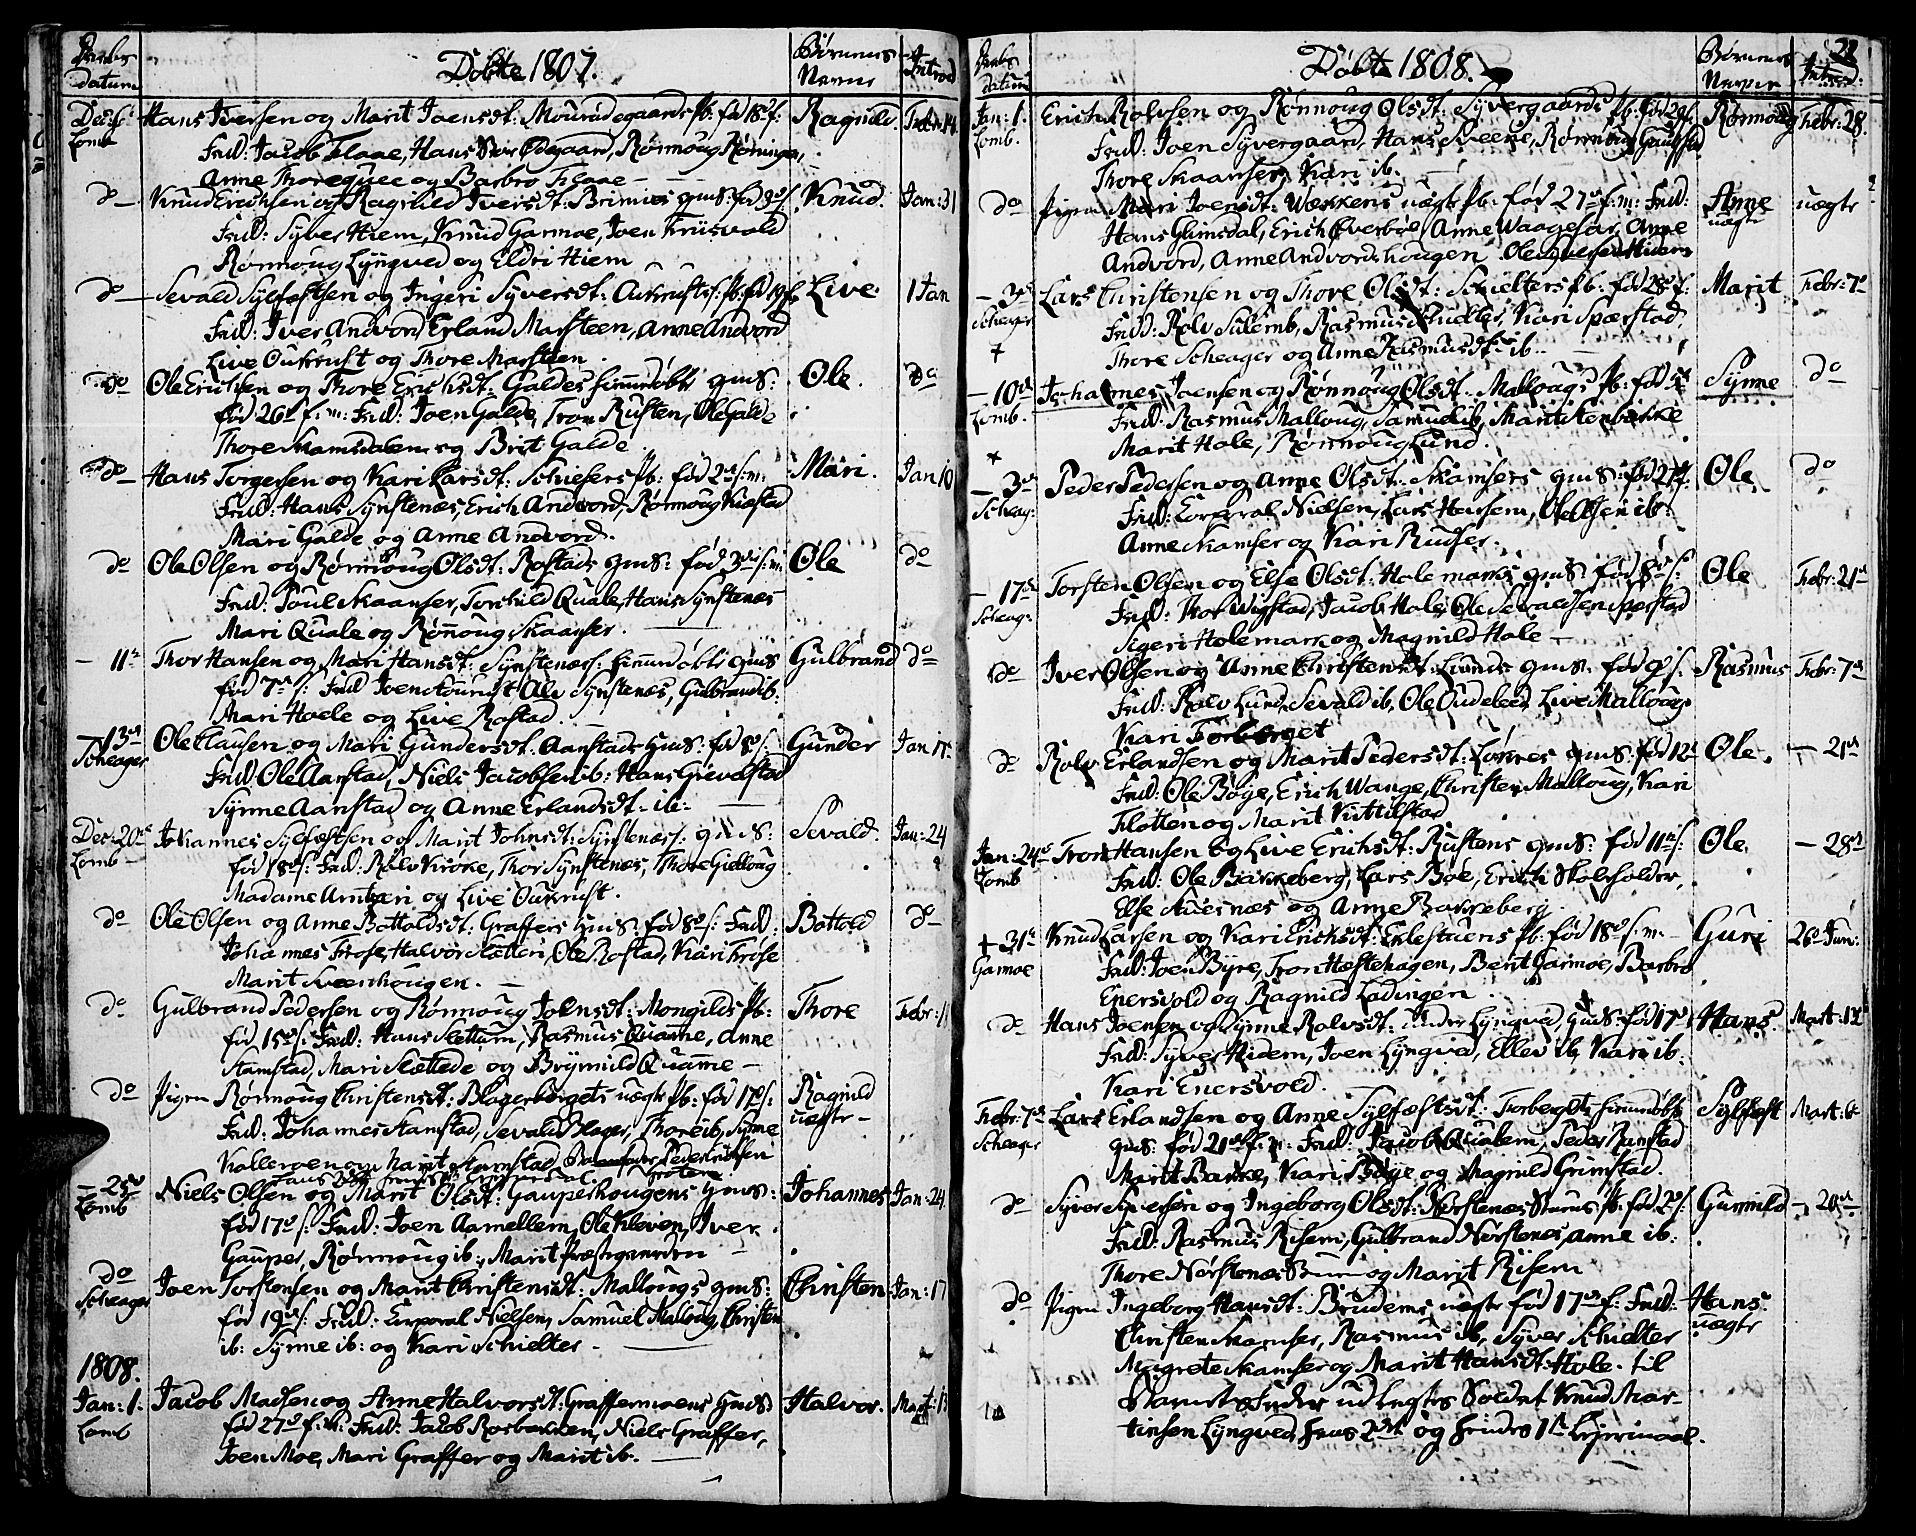 SAH, Lom prestekontor, K/L0003: Ministerialbok nr. 3, 1801-1825, s. 22